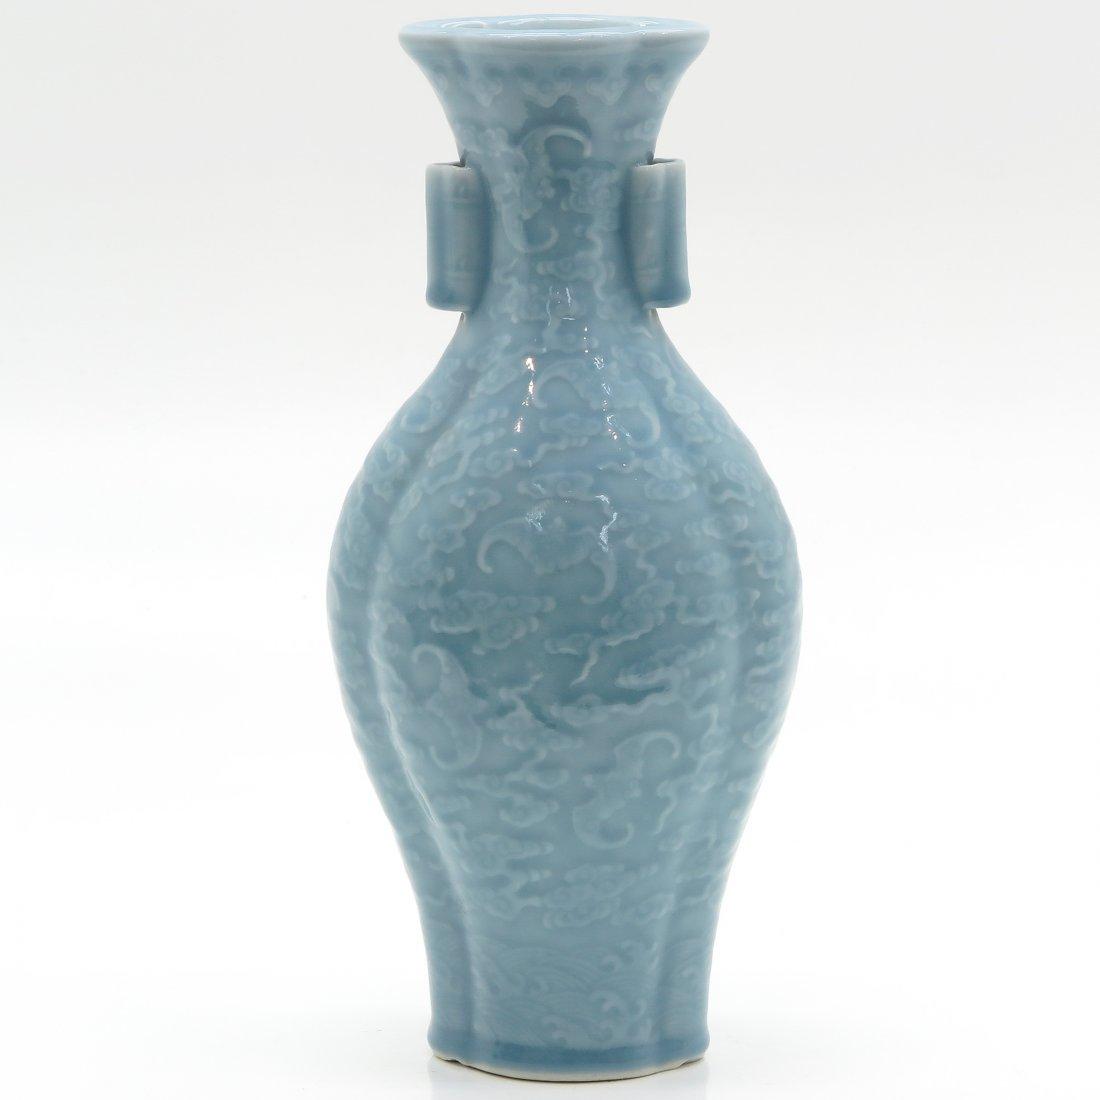 China Porcelain Claire de Lune Decor Vase